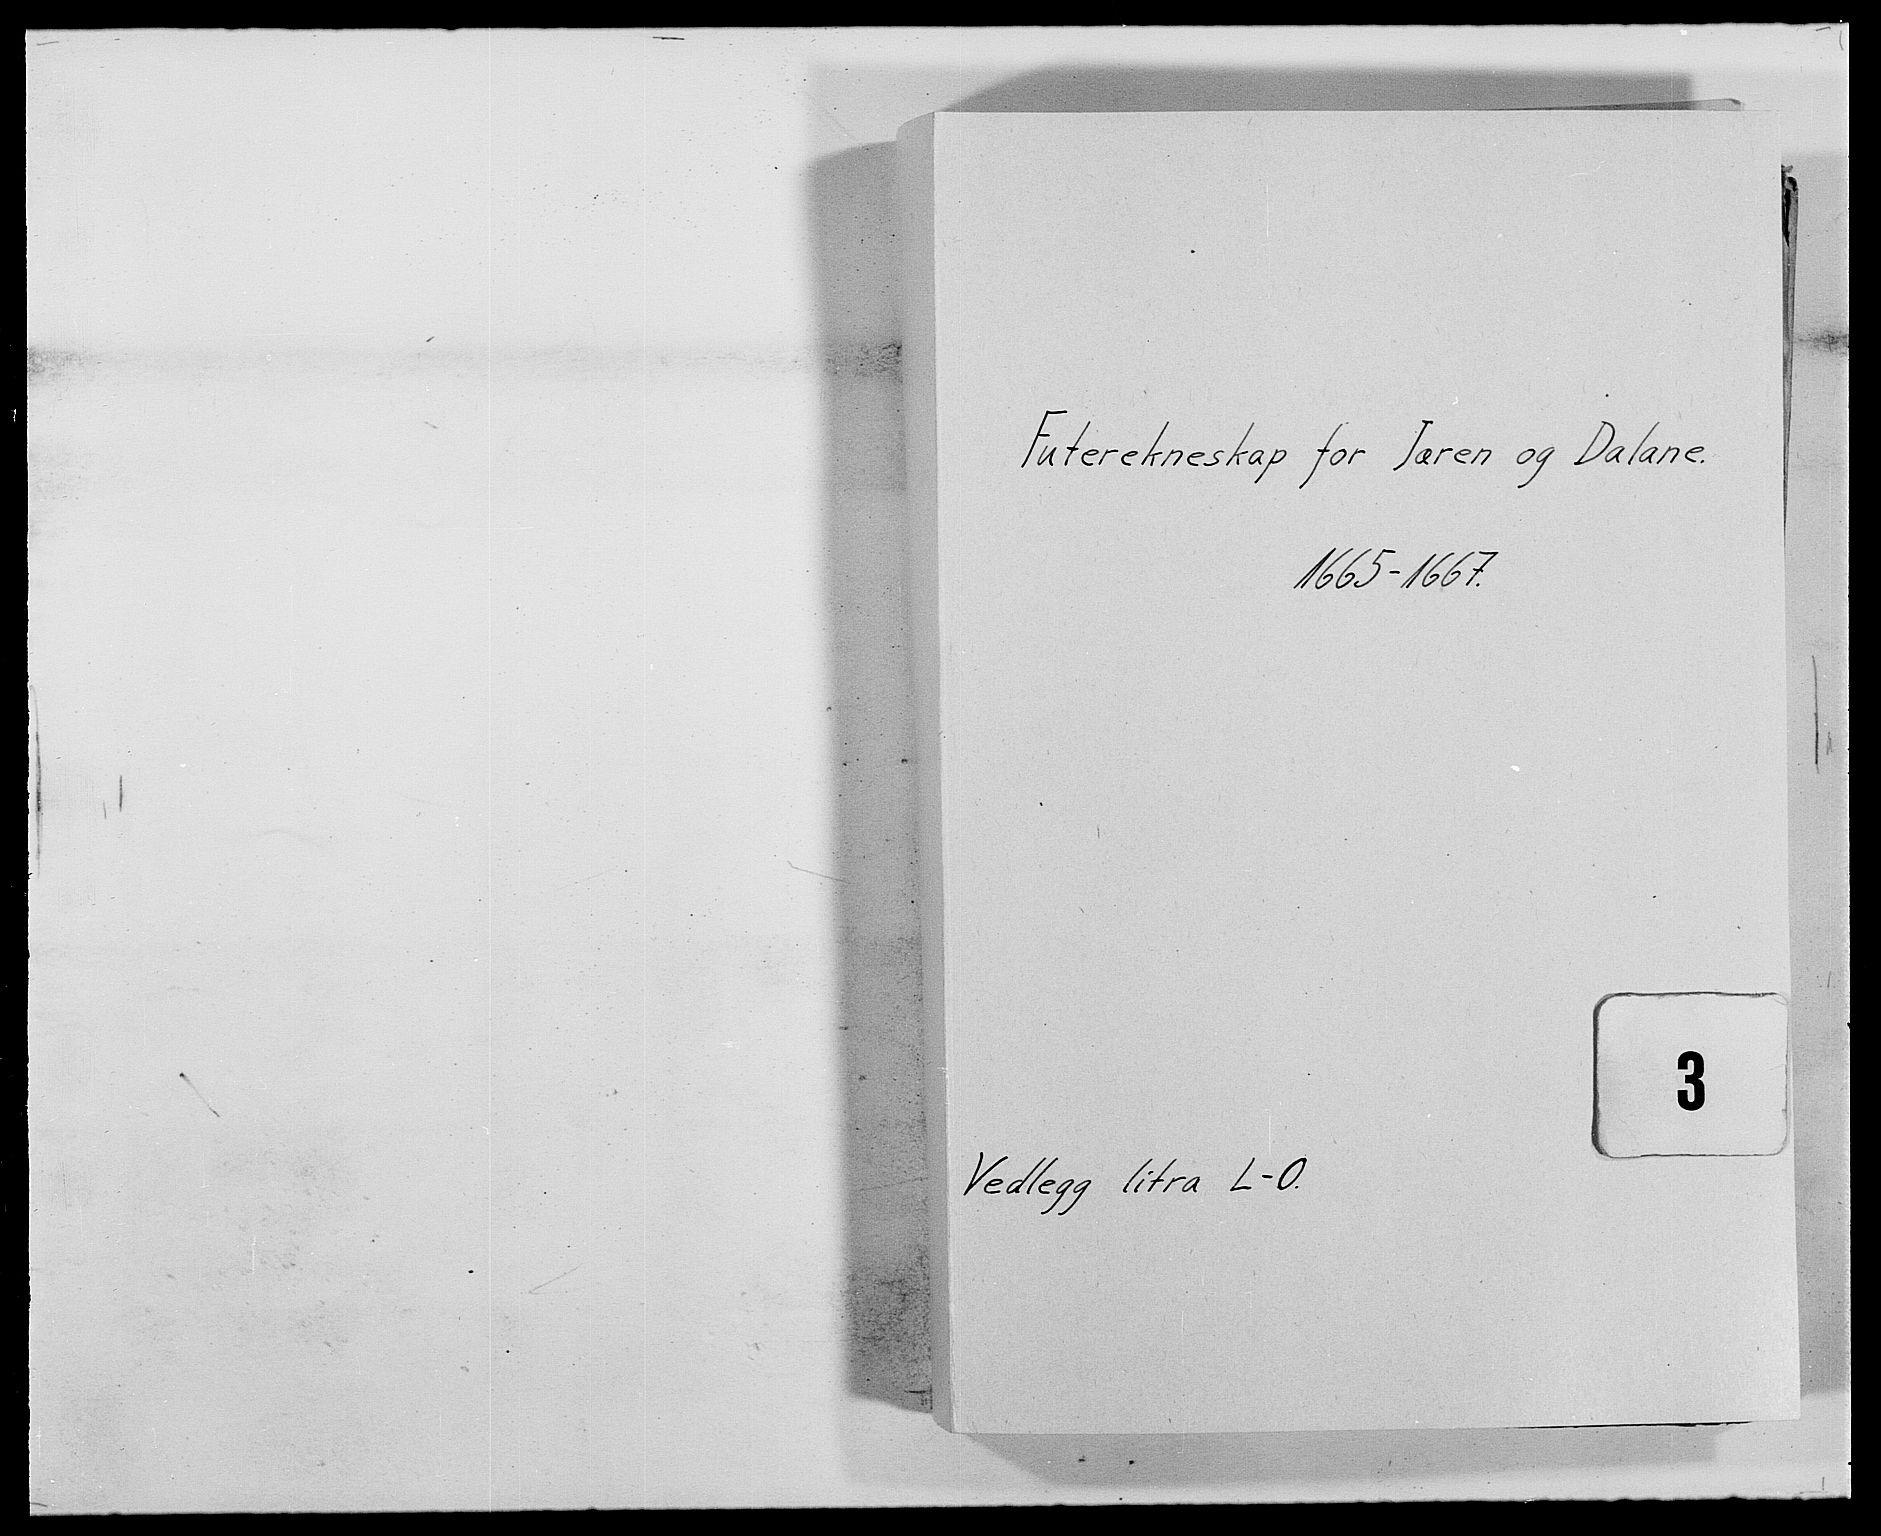 RA, Rentekammeret inntil 1814, Reviderte regnskaper, Fogderegnskap, R46/L2710: Fogderegnskap Jæren og Dalane, 1667, s. 1